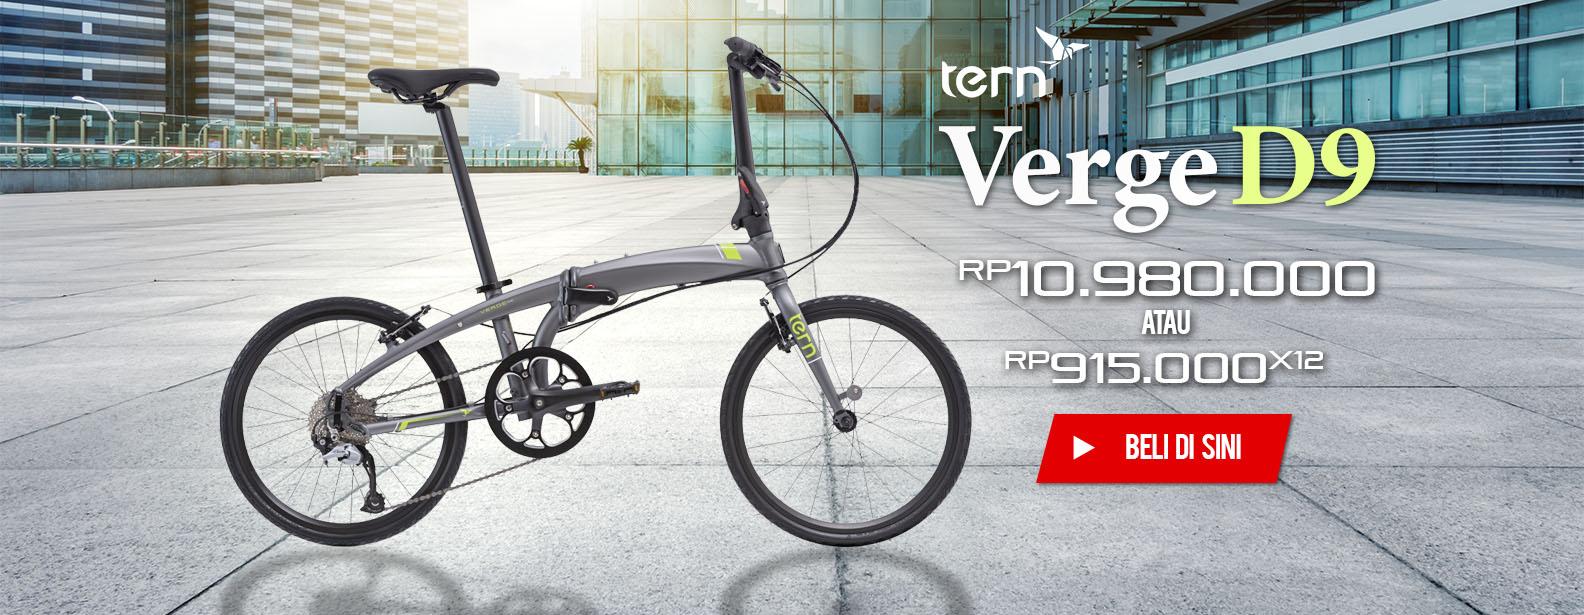 Tern Sepeda Lipat Verge D9 2017